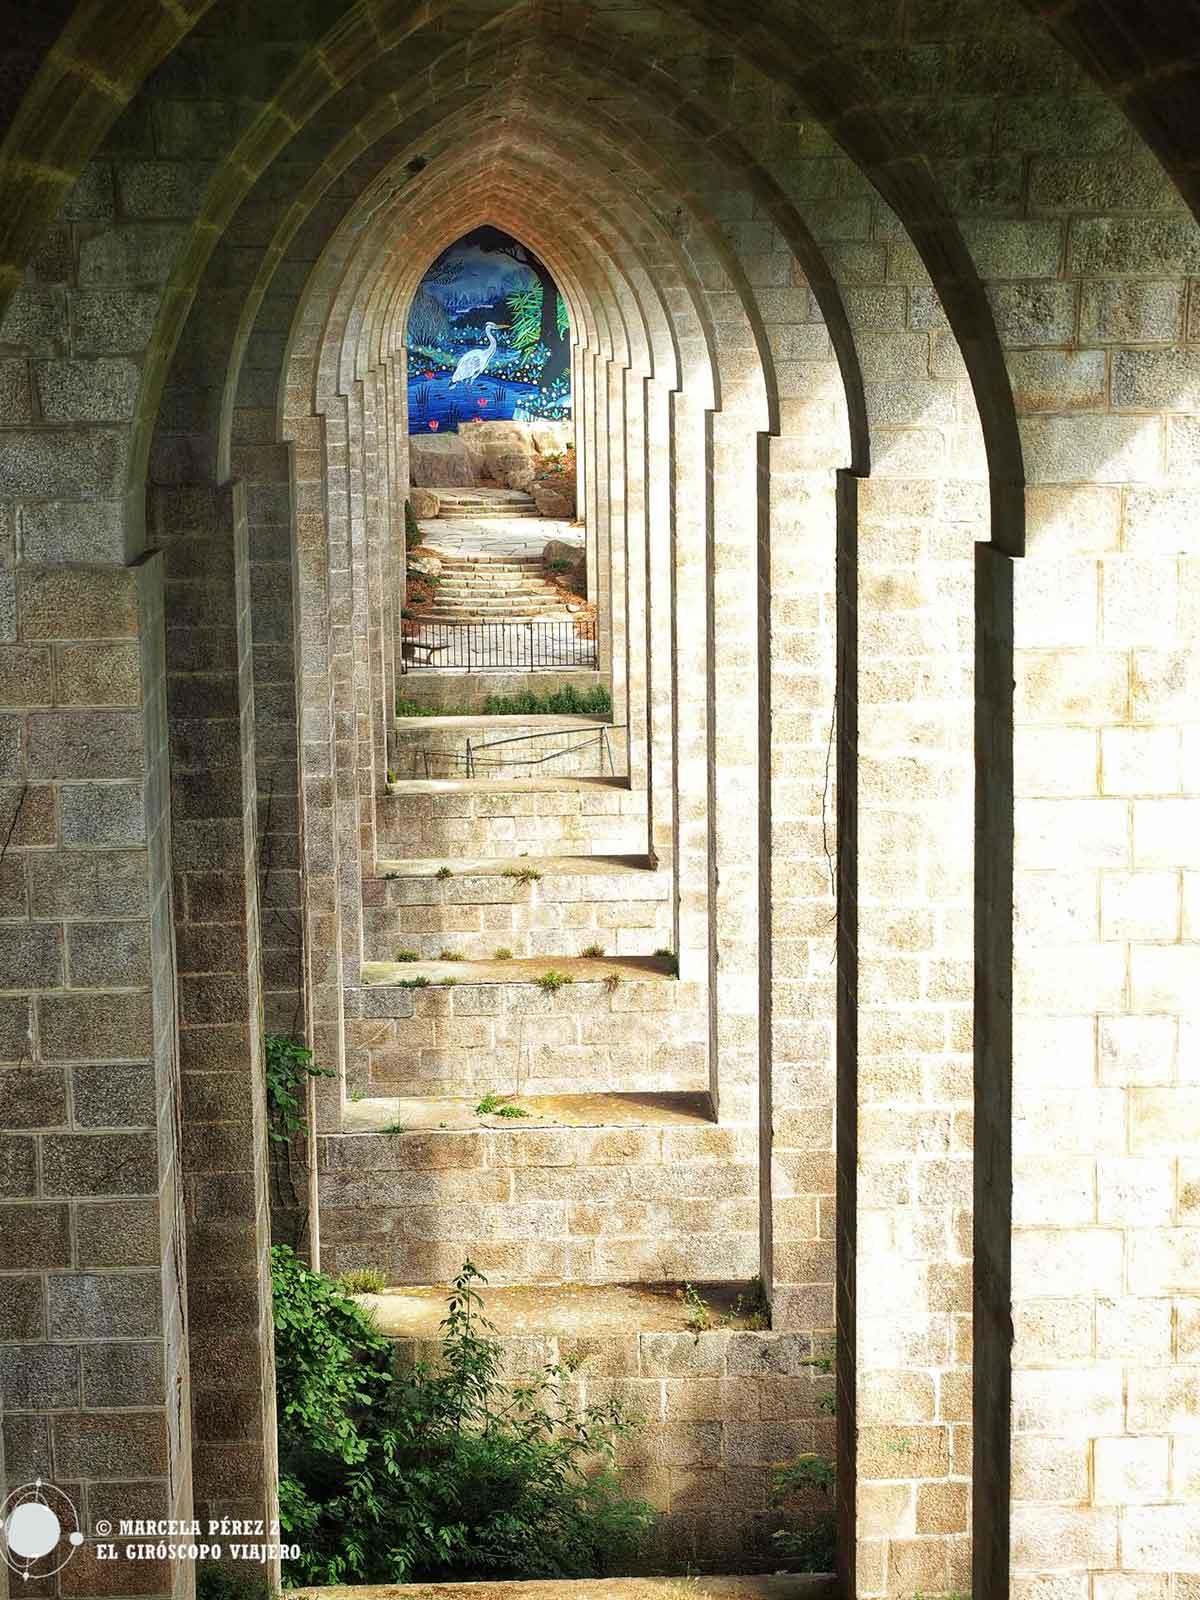 Arcos del viaducto de Clisson